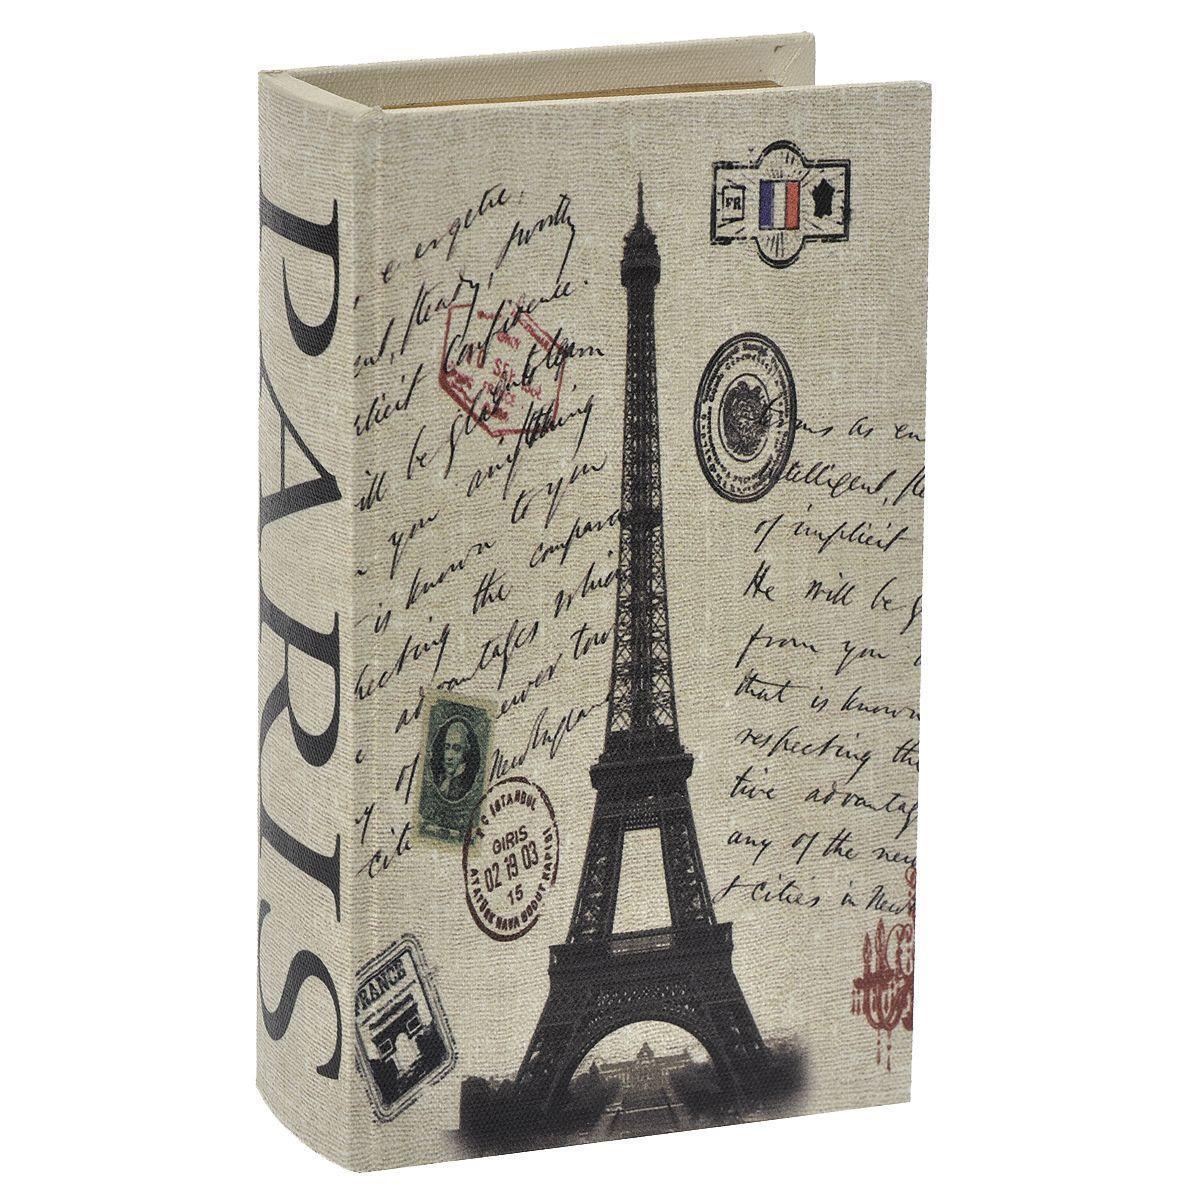 Декоративная шкатулка Книга. 7703856-12400604604471Декоративная шкатулка, выполненная из МДФ с отделкой из текстиля и оформлена оригинальным изображением цветов и бабочек. Внутри - отделка из текстиля коричневого цвета. Такая шкатулка может использоваться для хранения бижутерии, в качестве украшения интерьера, а также послужит хорошим подарком для человека, ценящего практичные и оригинальные вещи.